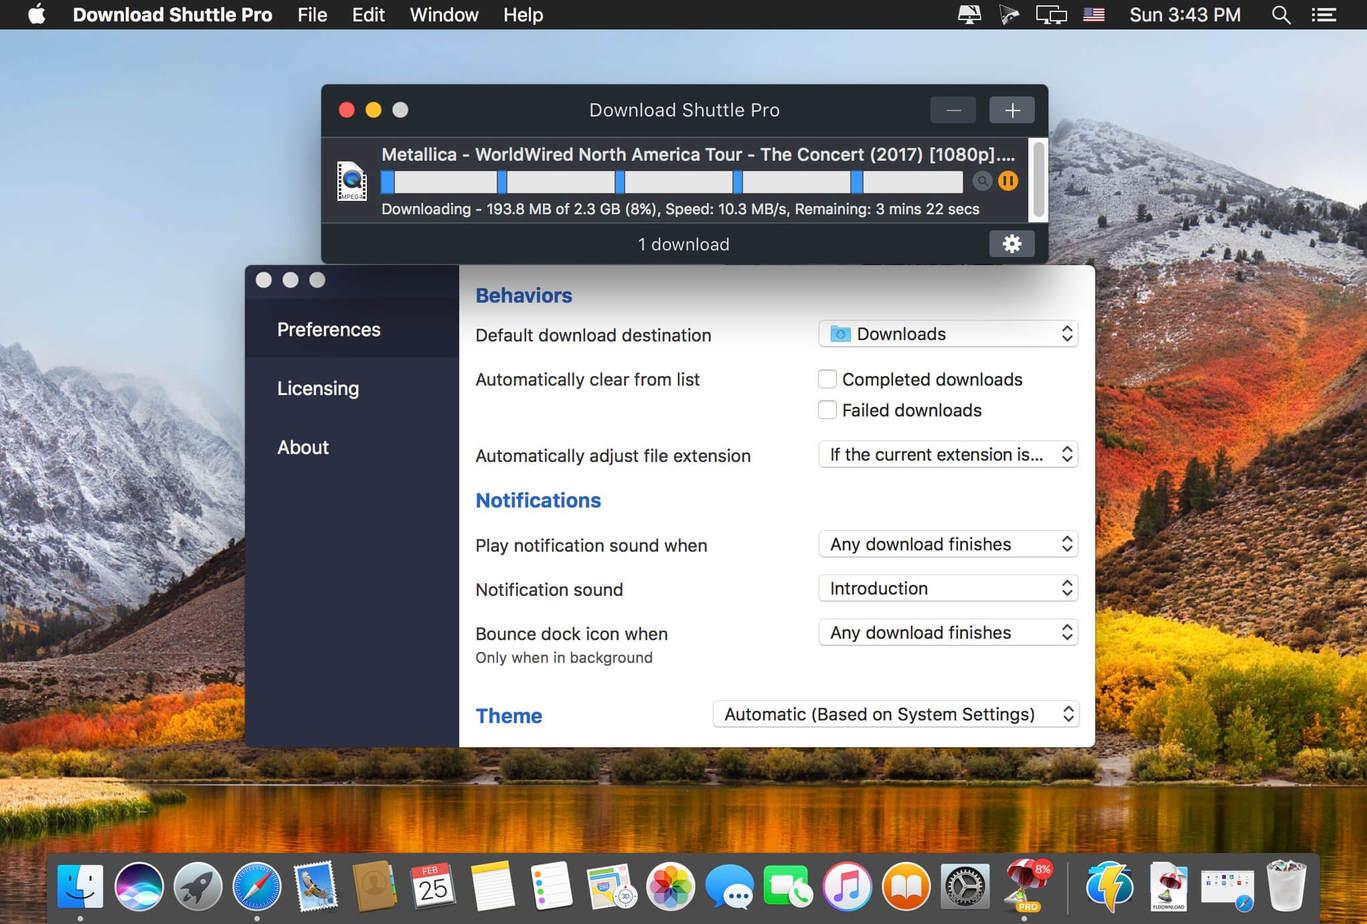 Download Shuttle Pro Mac